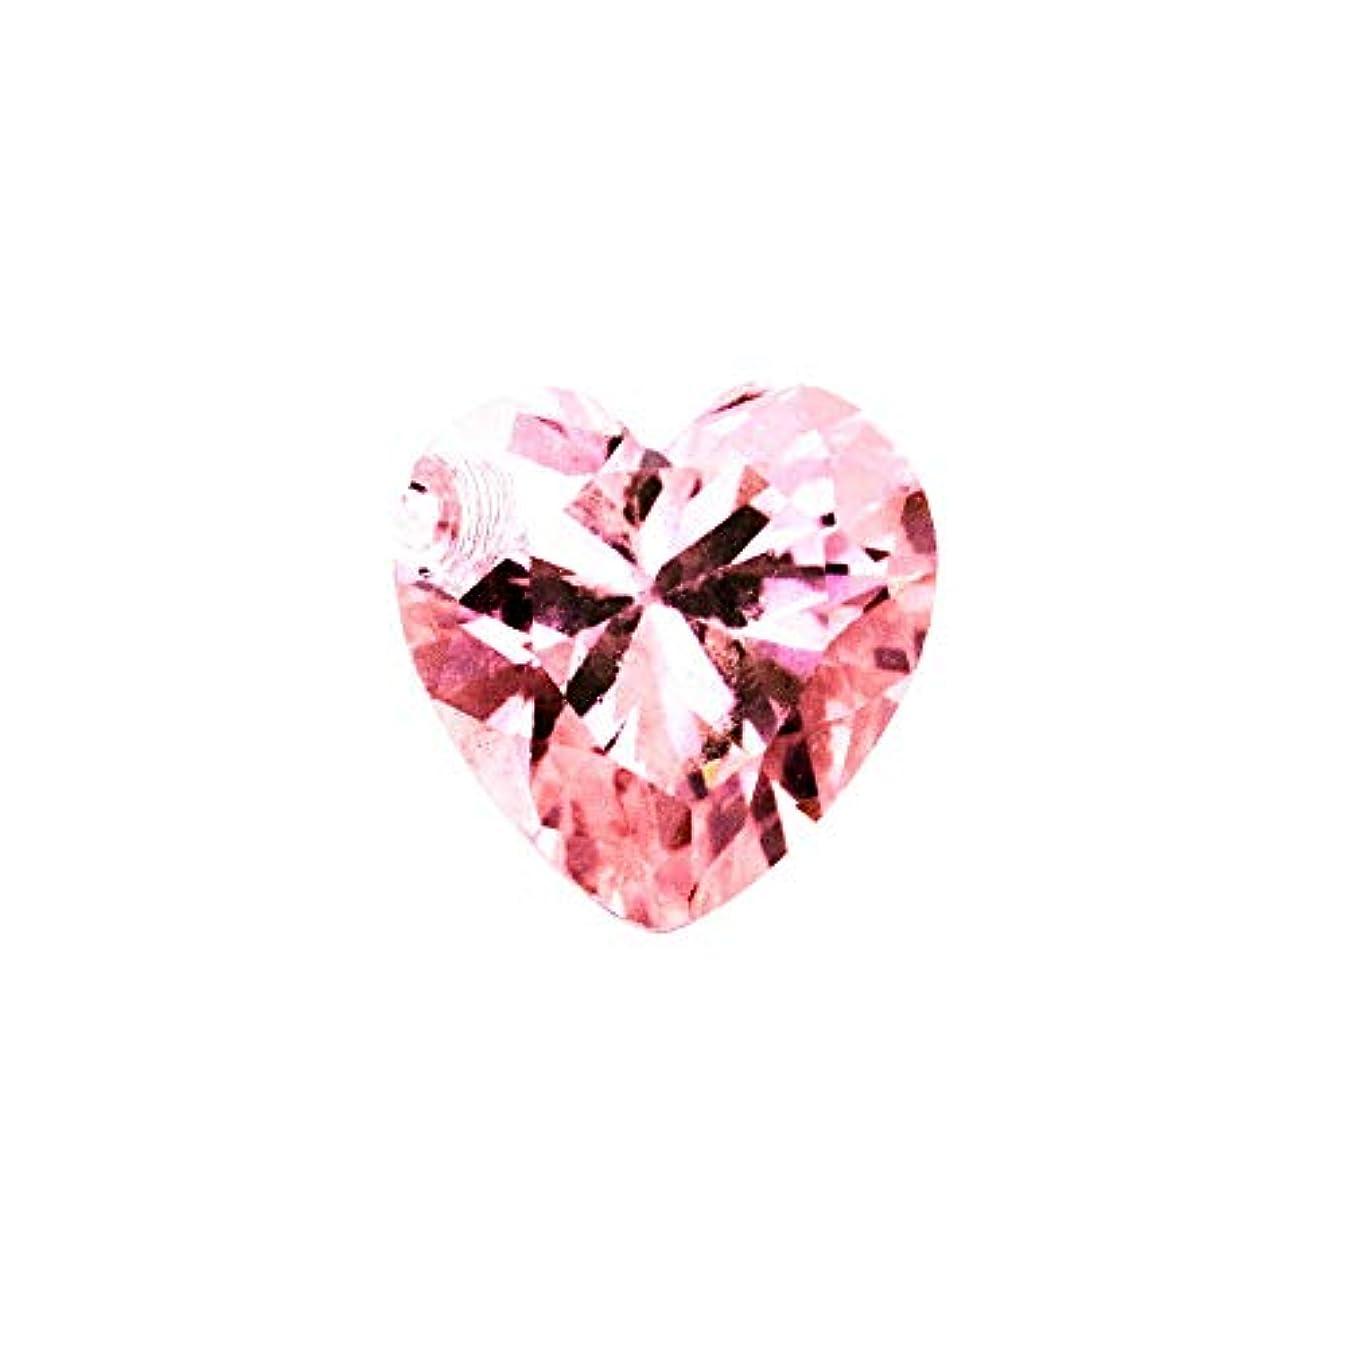 ビート応じる移行irogel イロジェル ラインストーン ジルコニア製 グロッシーストーン【ピンク】6mm 4個入り